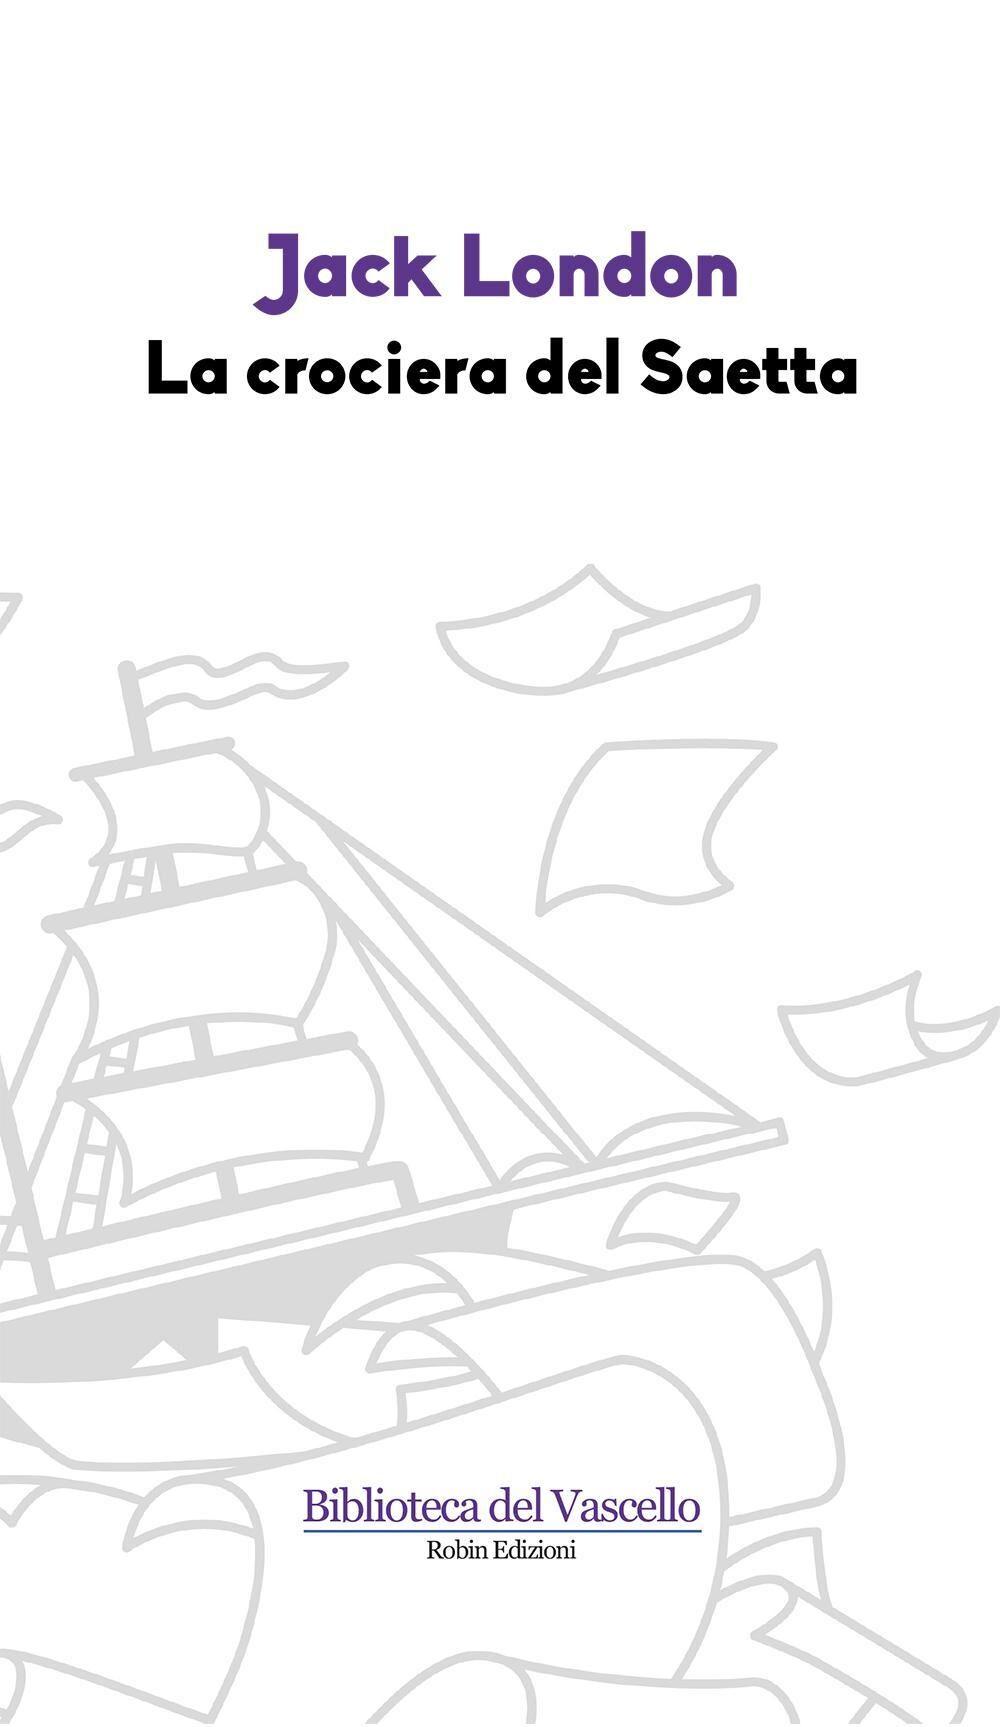 La crociera del Saetta